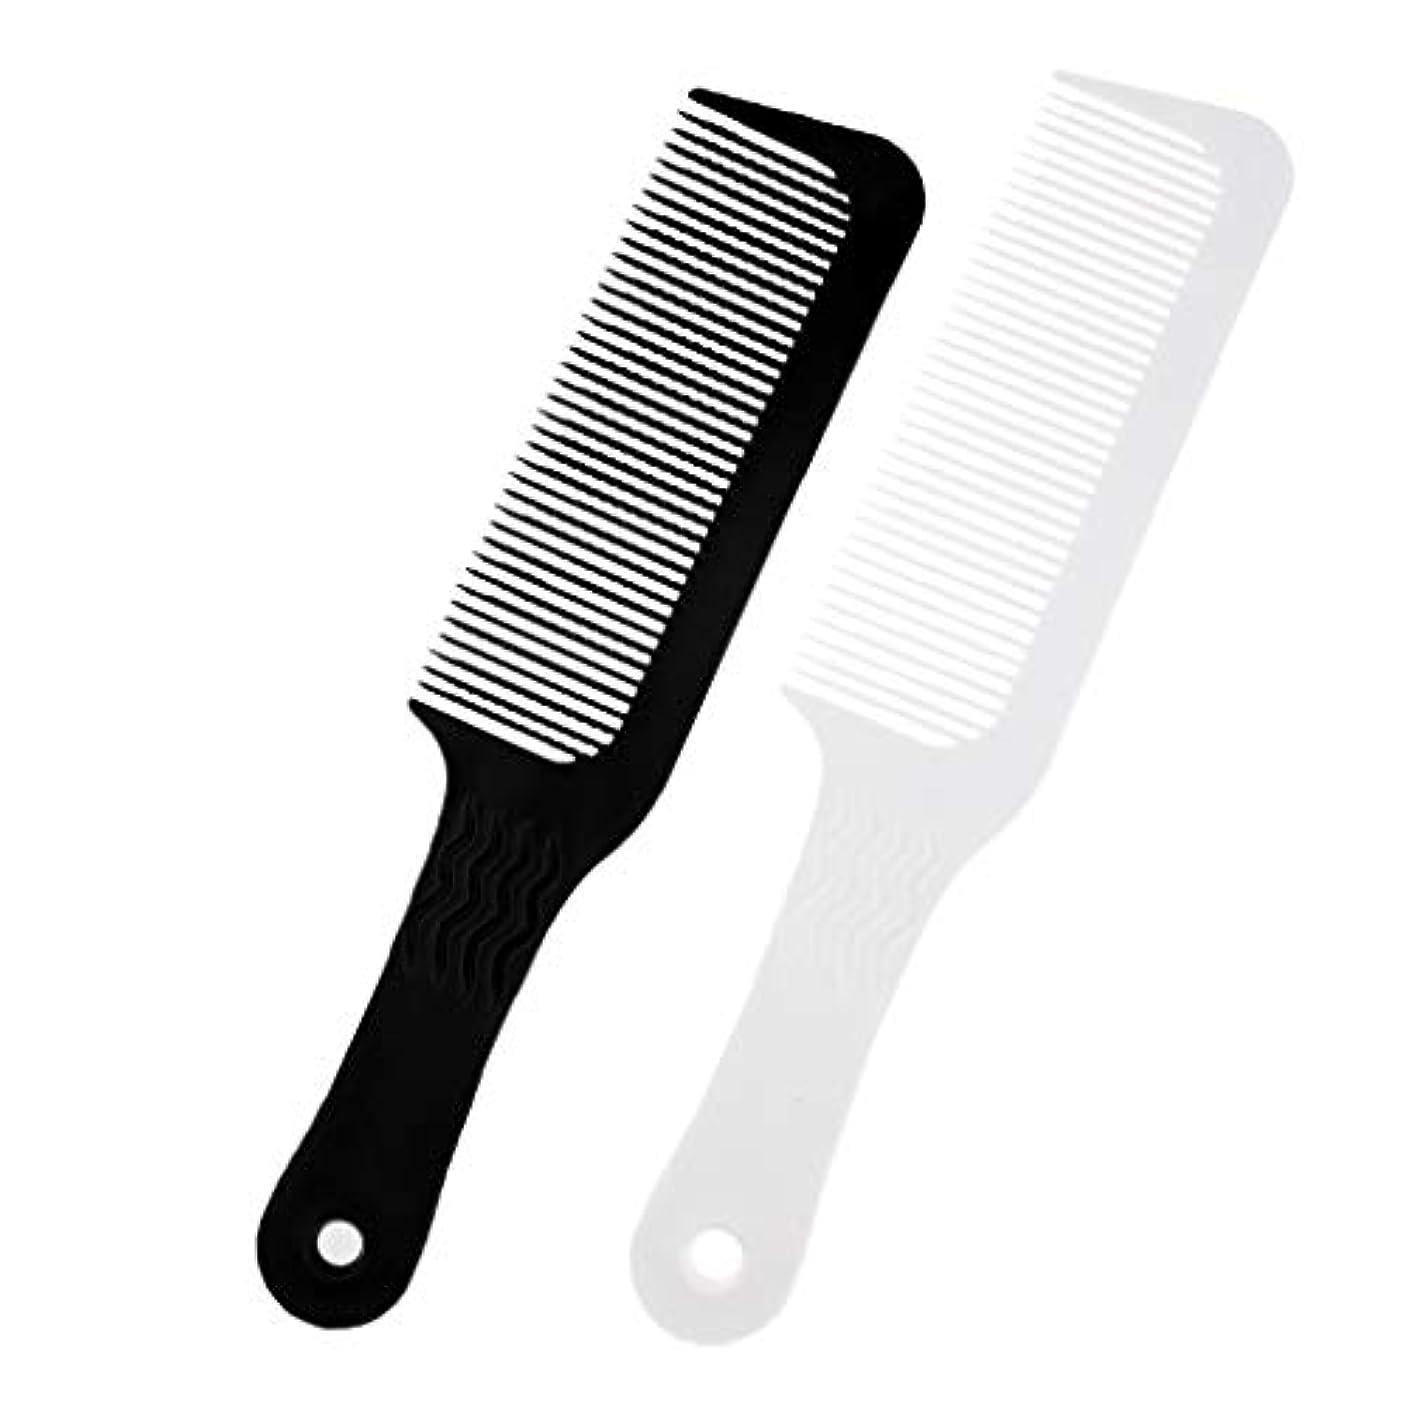 プロットフローティングインペリアルToygogo プロ3ピース理髪サロンフラットトップクリッパーくし美容師スタイリング切削デタングルブラシツール